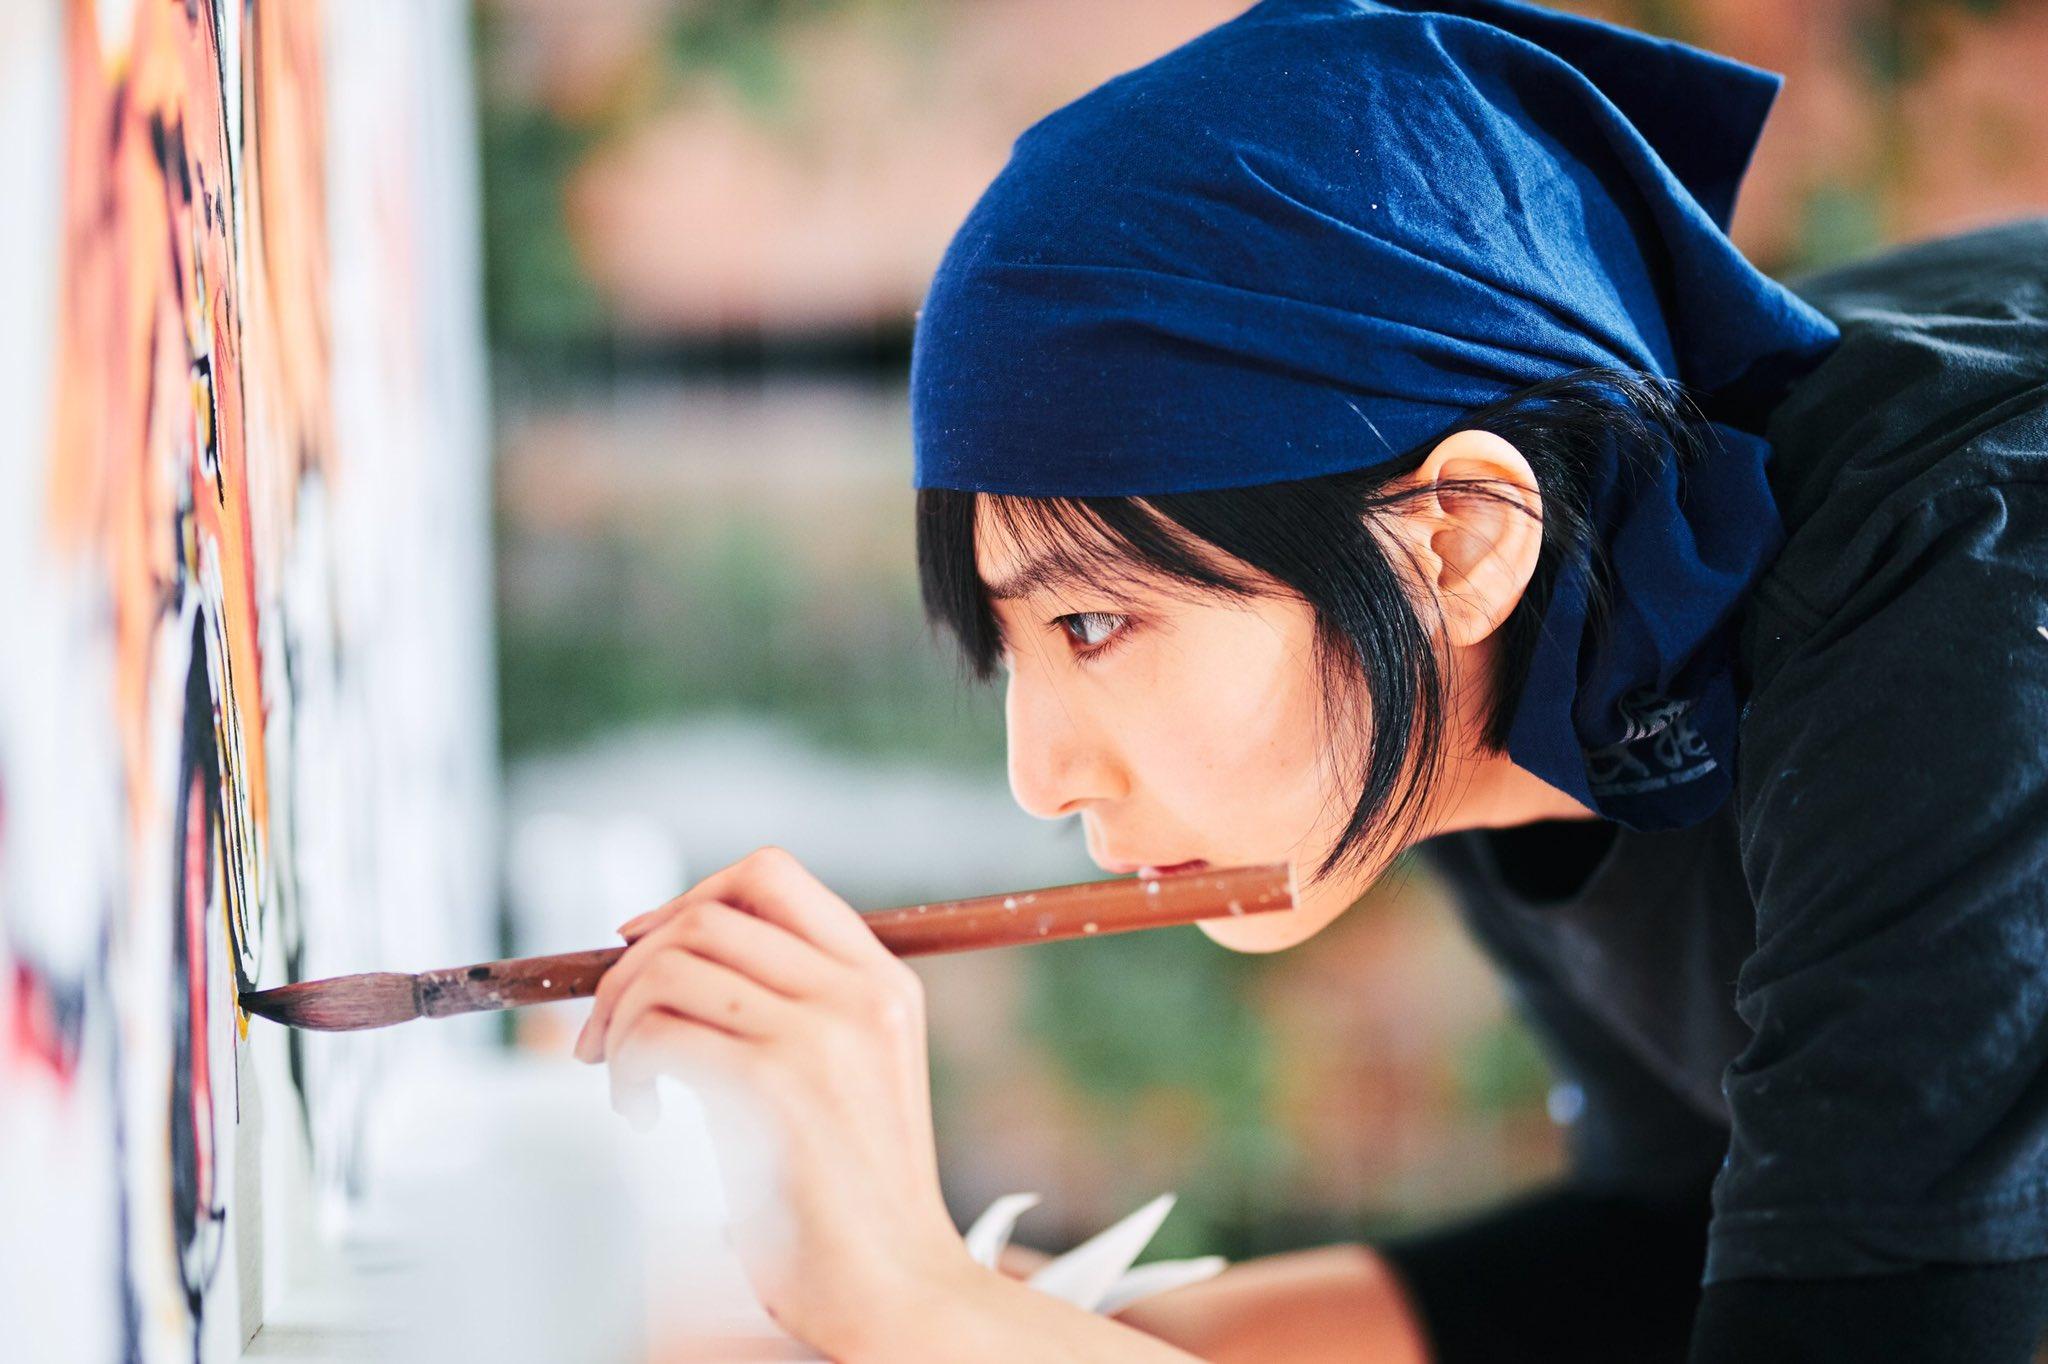 【悲しい】パクリ絵師こと勝海麻衣氏さん、人様のツイートまでパクり、もはやパクリの常習犯だった事が判明w